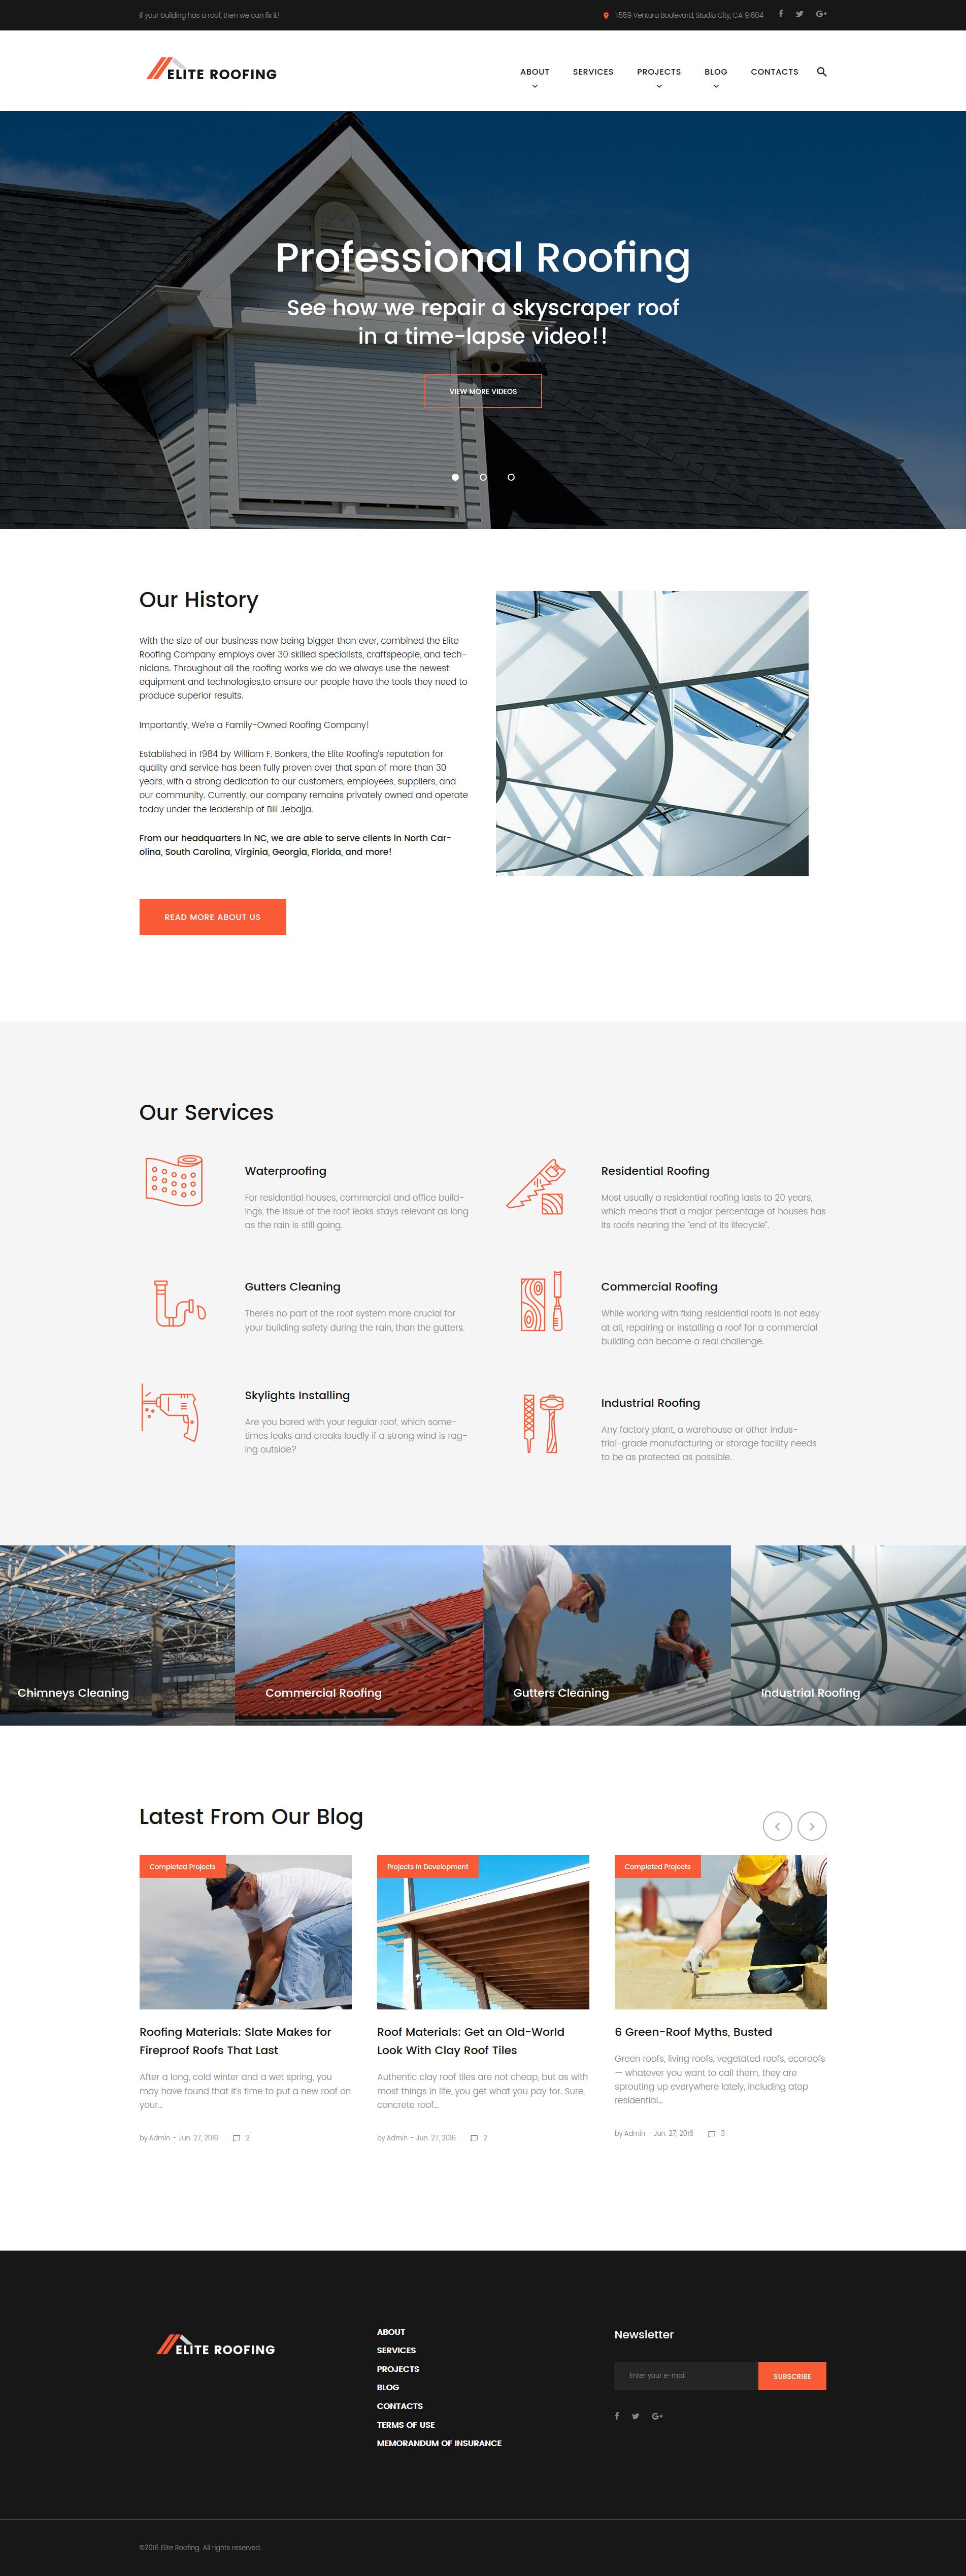 Elite Roofing Company WordPress Theme